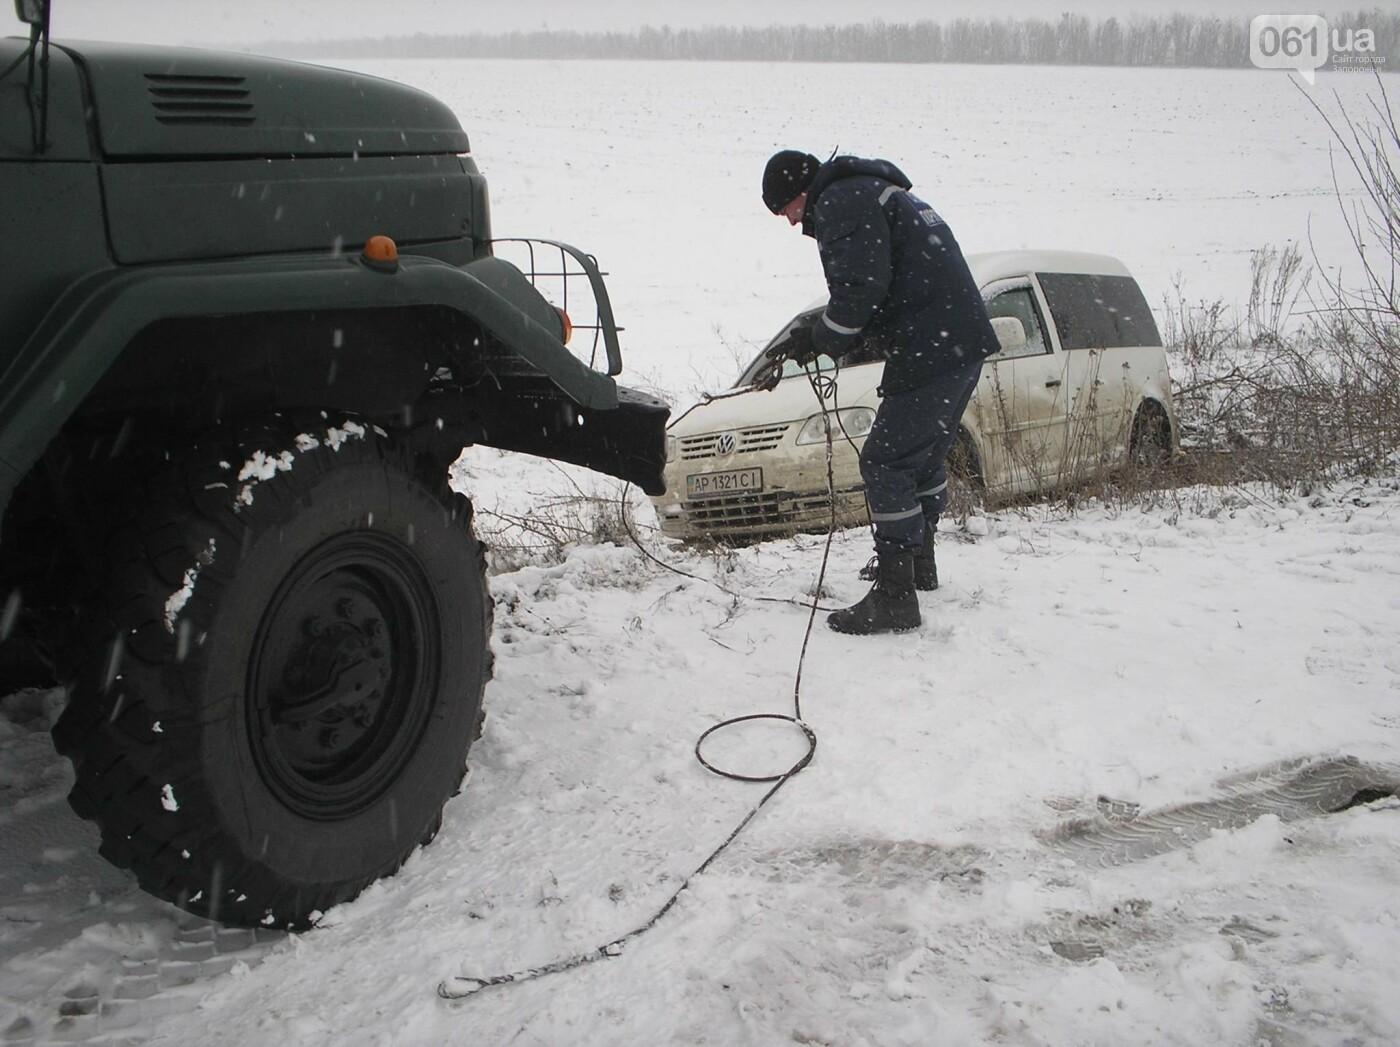 Последствия непогоды: на запорожской трассе легковушка и грузовик съехали в кювет — понадобилась помощь спасателей, фото-1